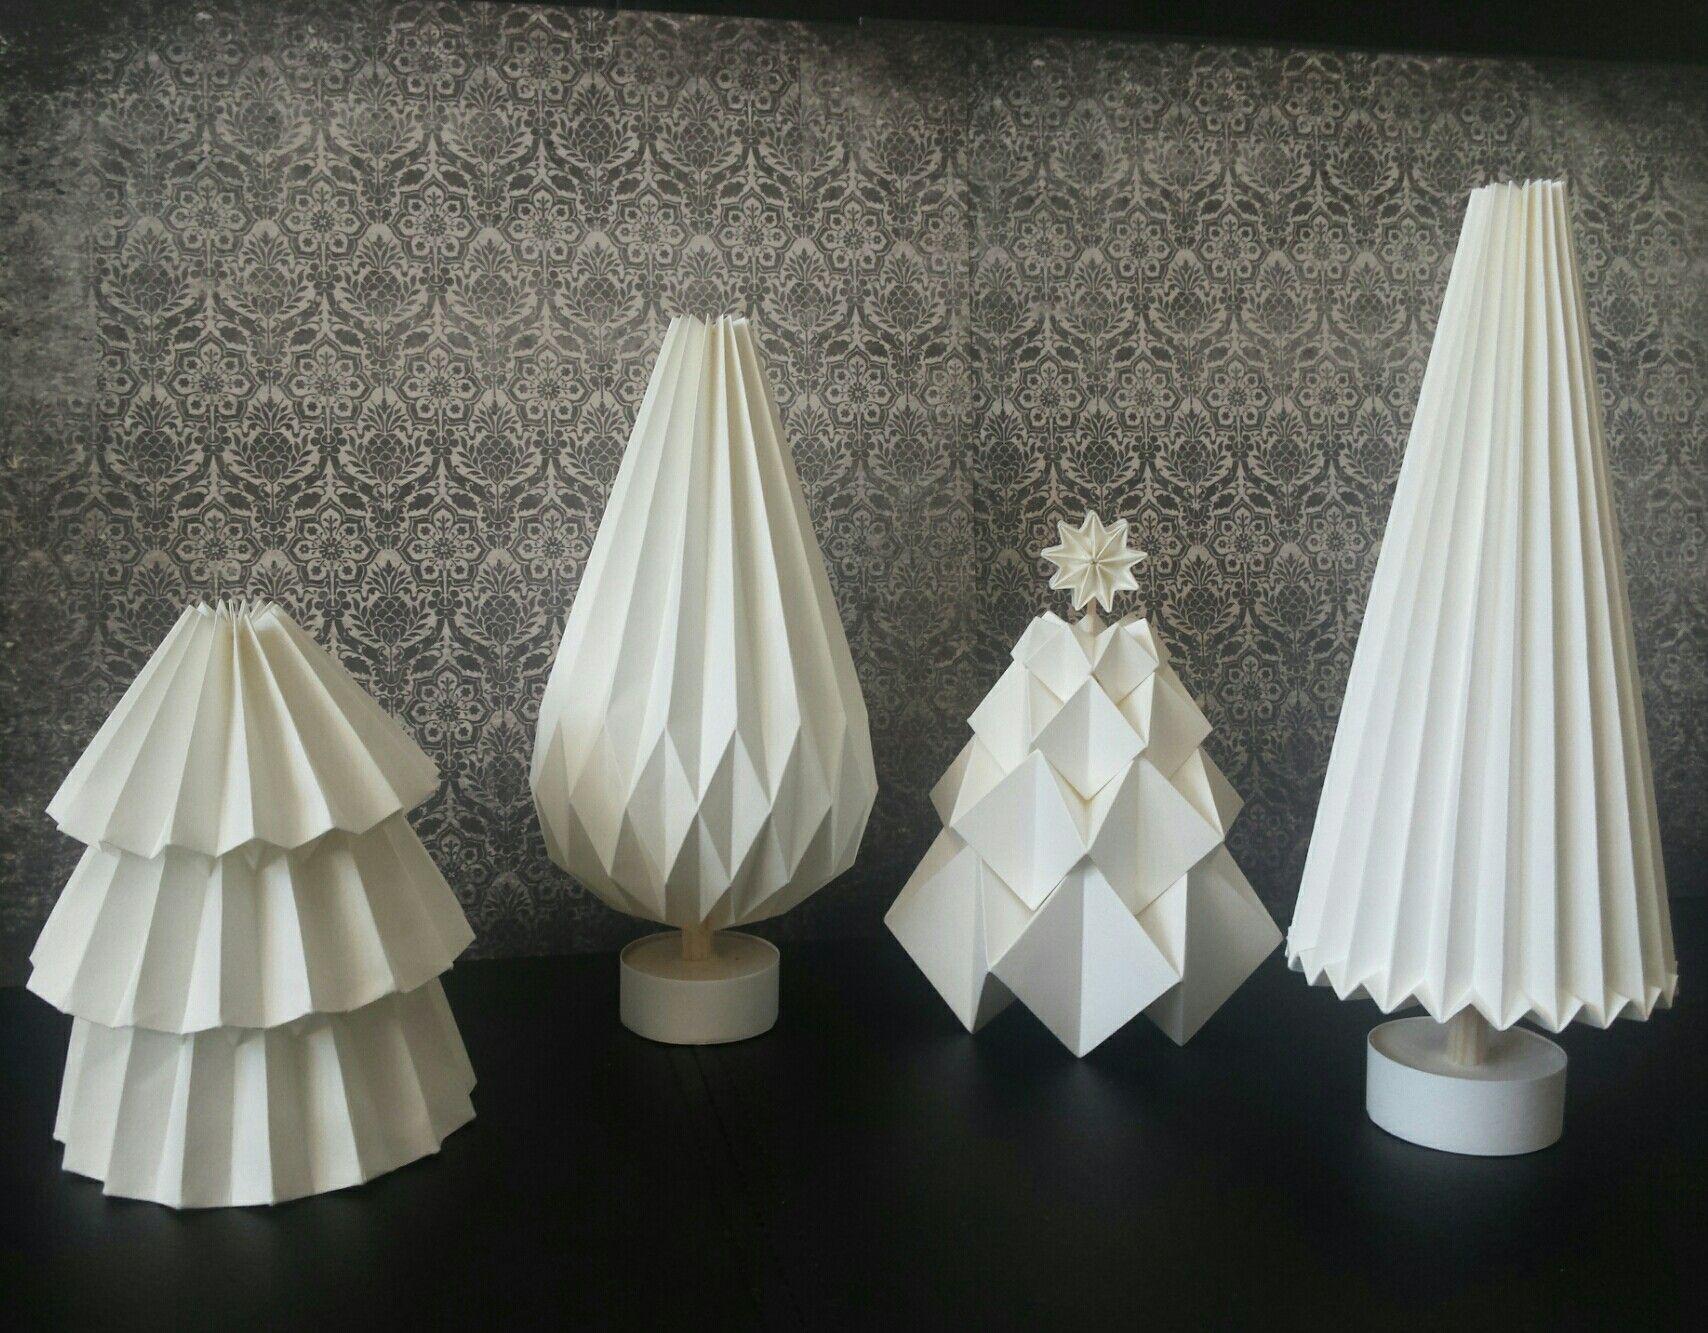 Verführerisch Weihnachtsdeko Aus Papier Das Beste Von Christmastree Papertree Weihnachtsbaum Gefaltet Tannenbaum Von Der